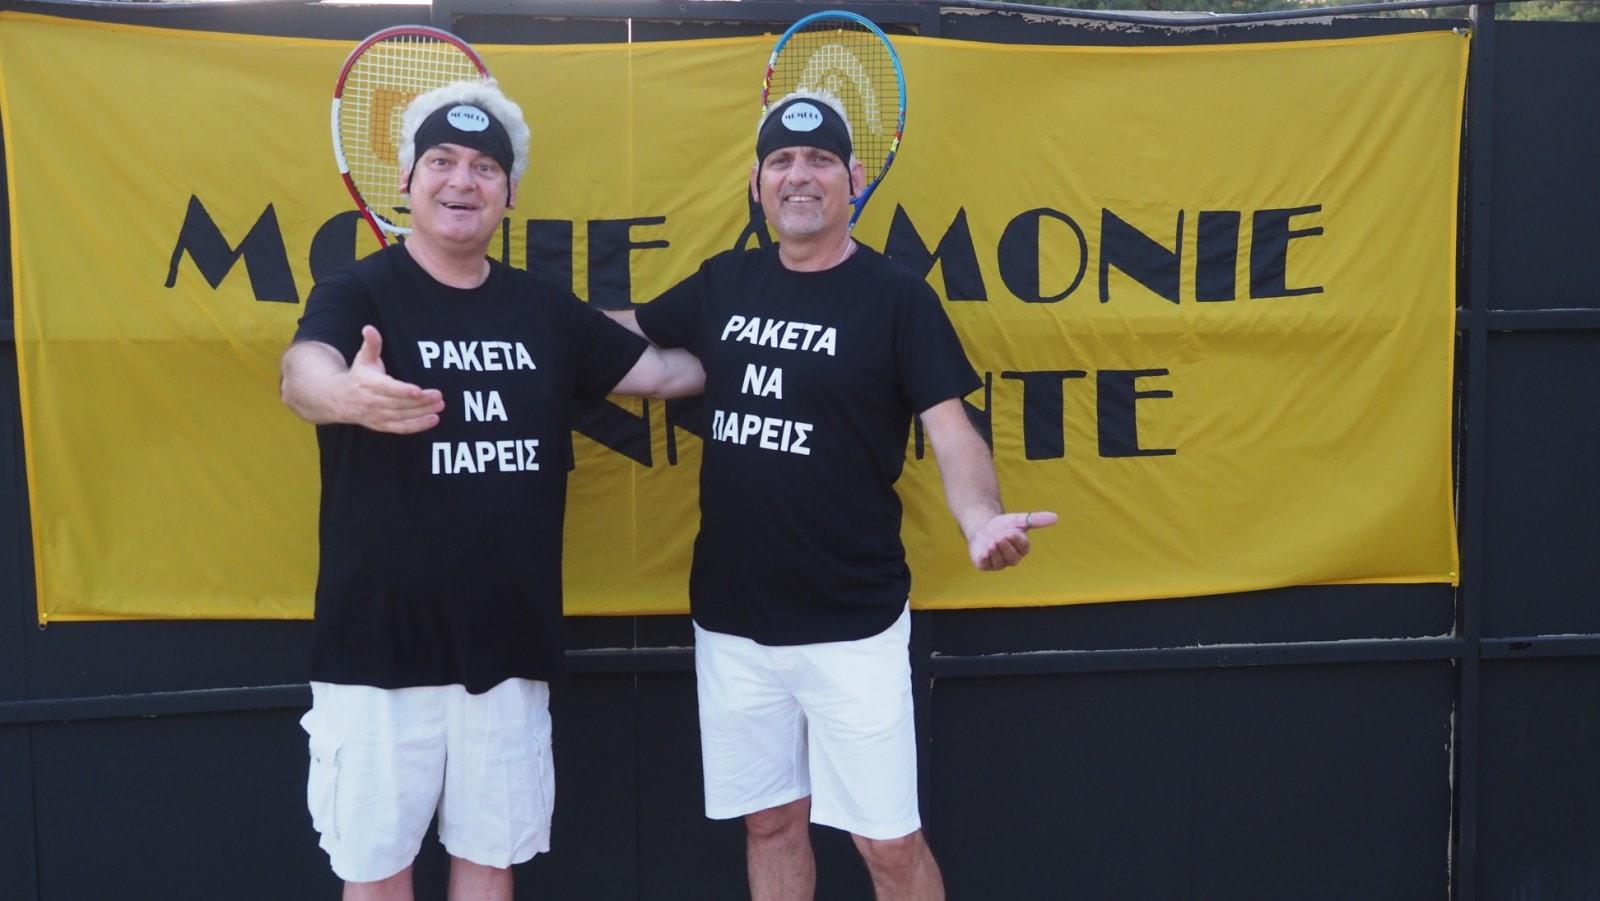 Ρακέτα να πάρεις! Διογένης Δασκάλου – Monie & Monie Conniente στην παραλία της Αρετσούς. Νέα παράσταση